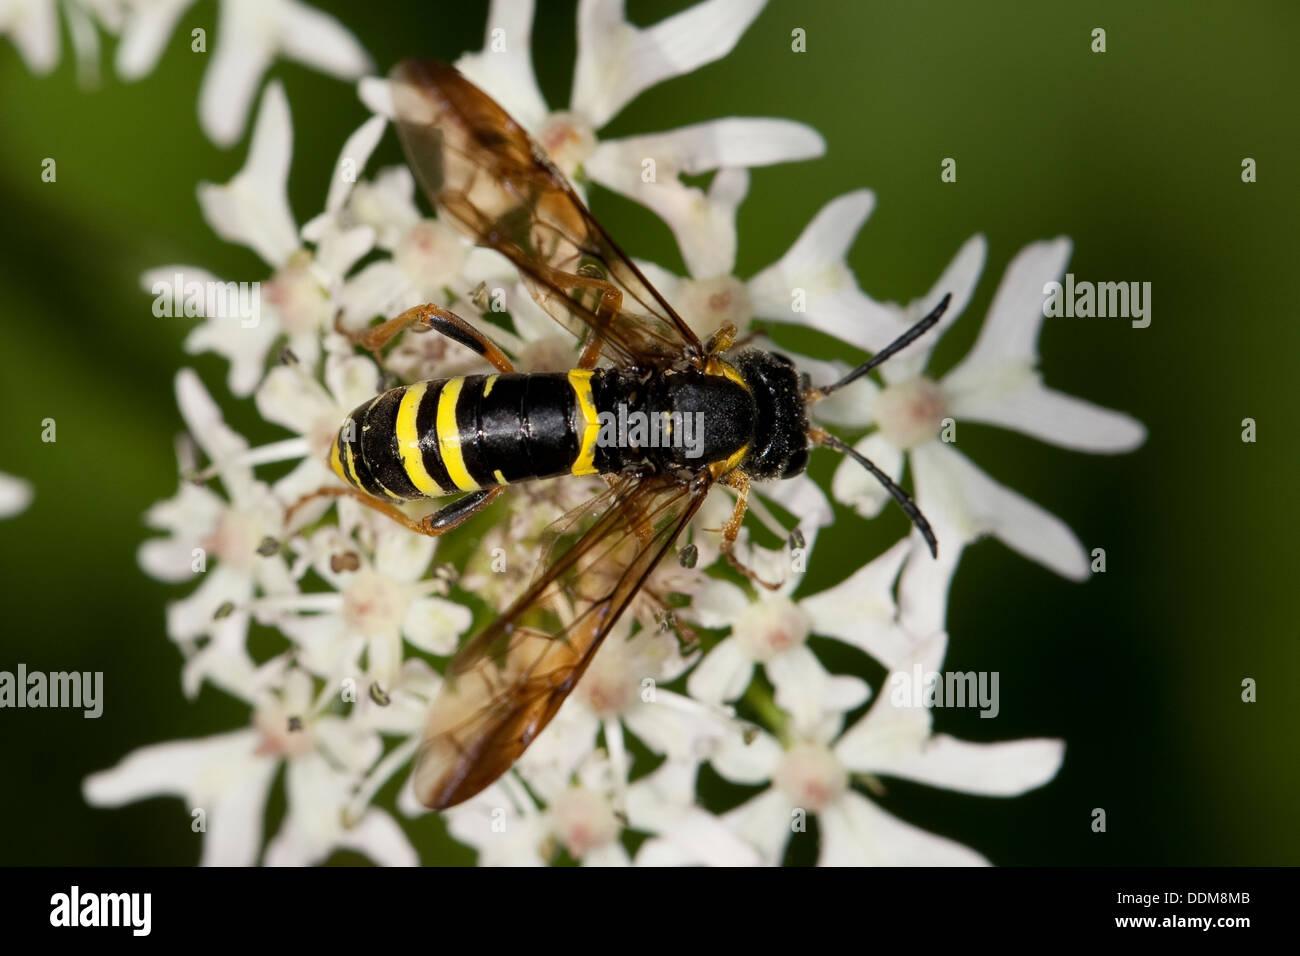 sawfly,  saw-fly, Blattwespe, Tenthredo spec. Stock Photo